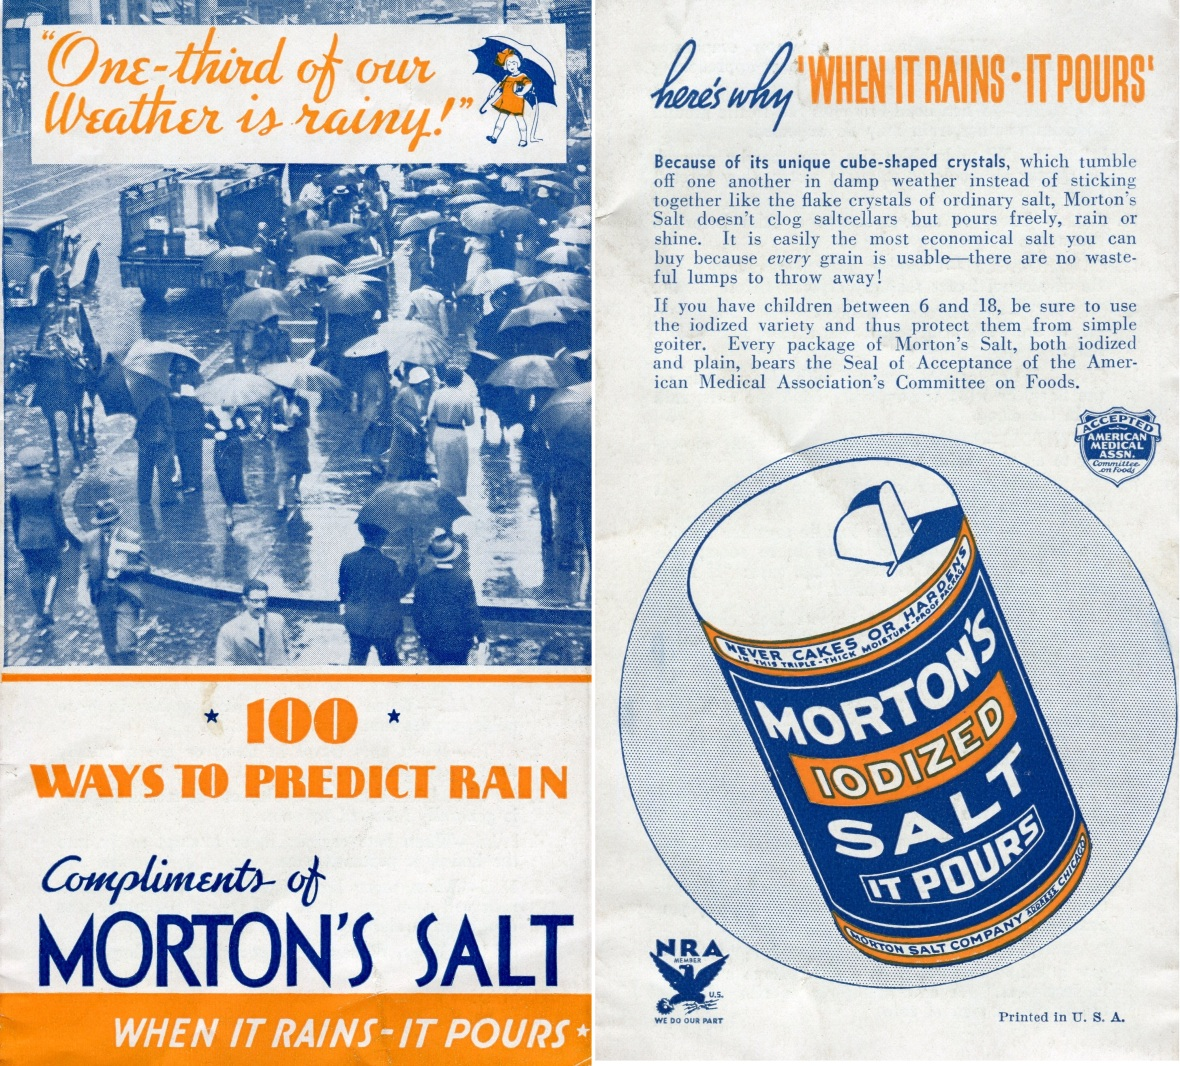 Morton's article image